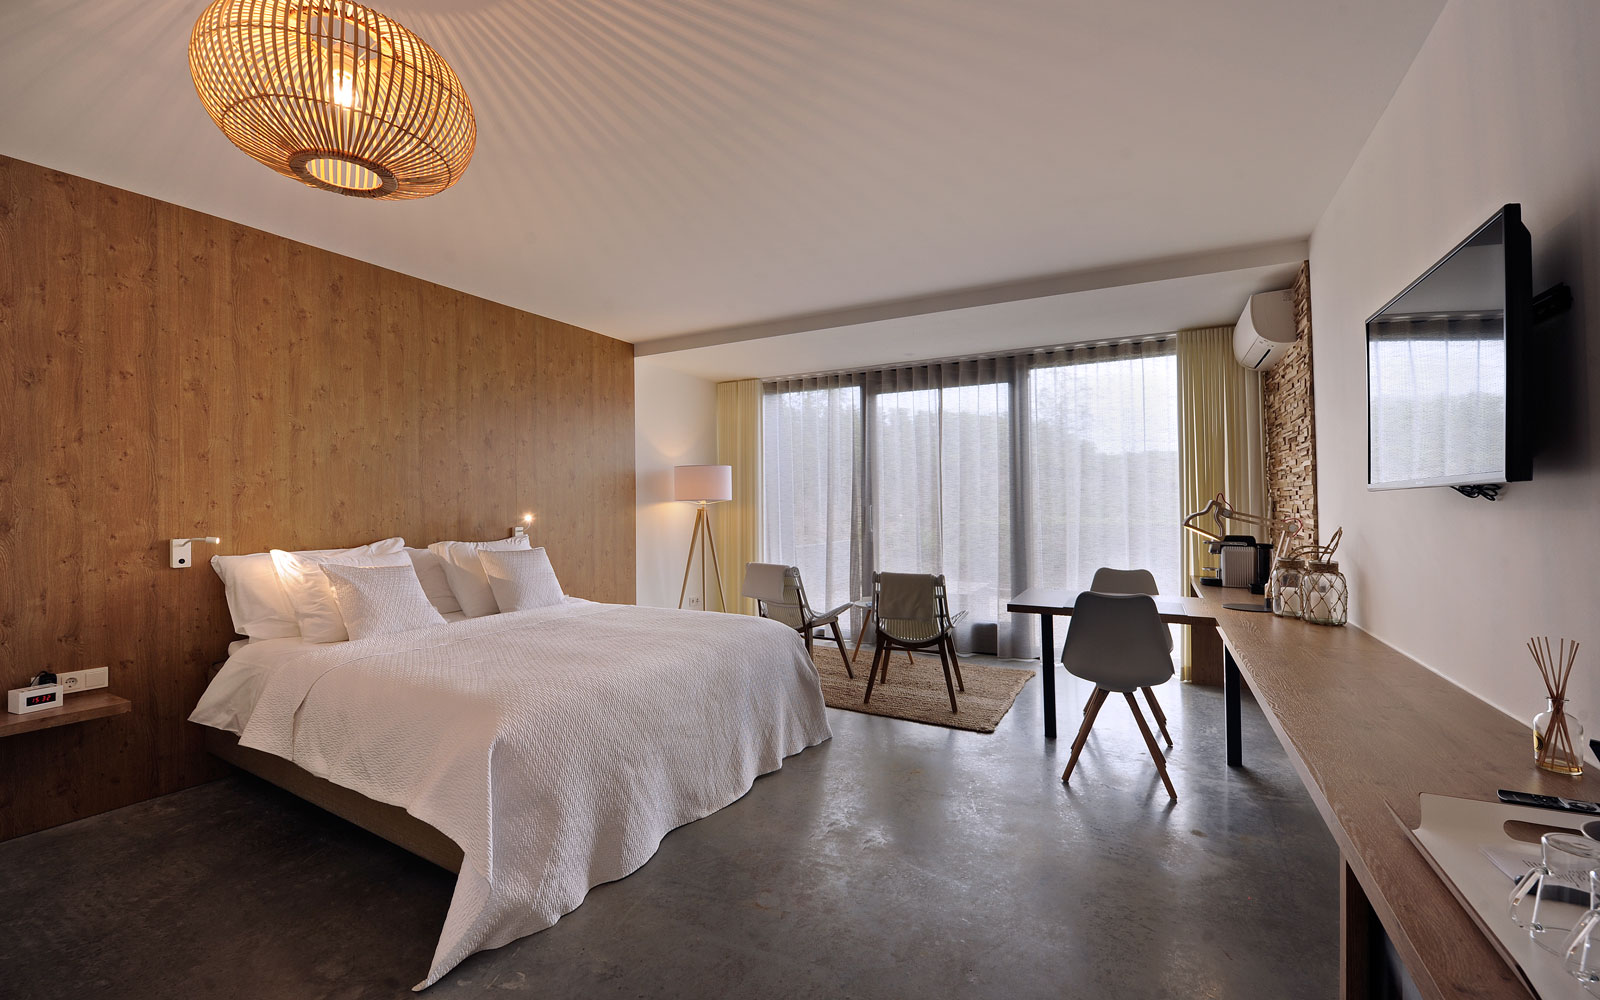 Natuurlijke kamer, slaapkamer, bed, Auping, La Marquise, Hertroijs Architekten